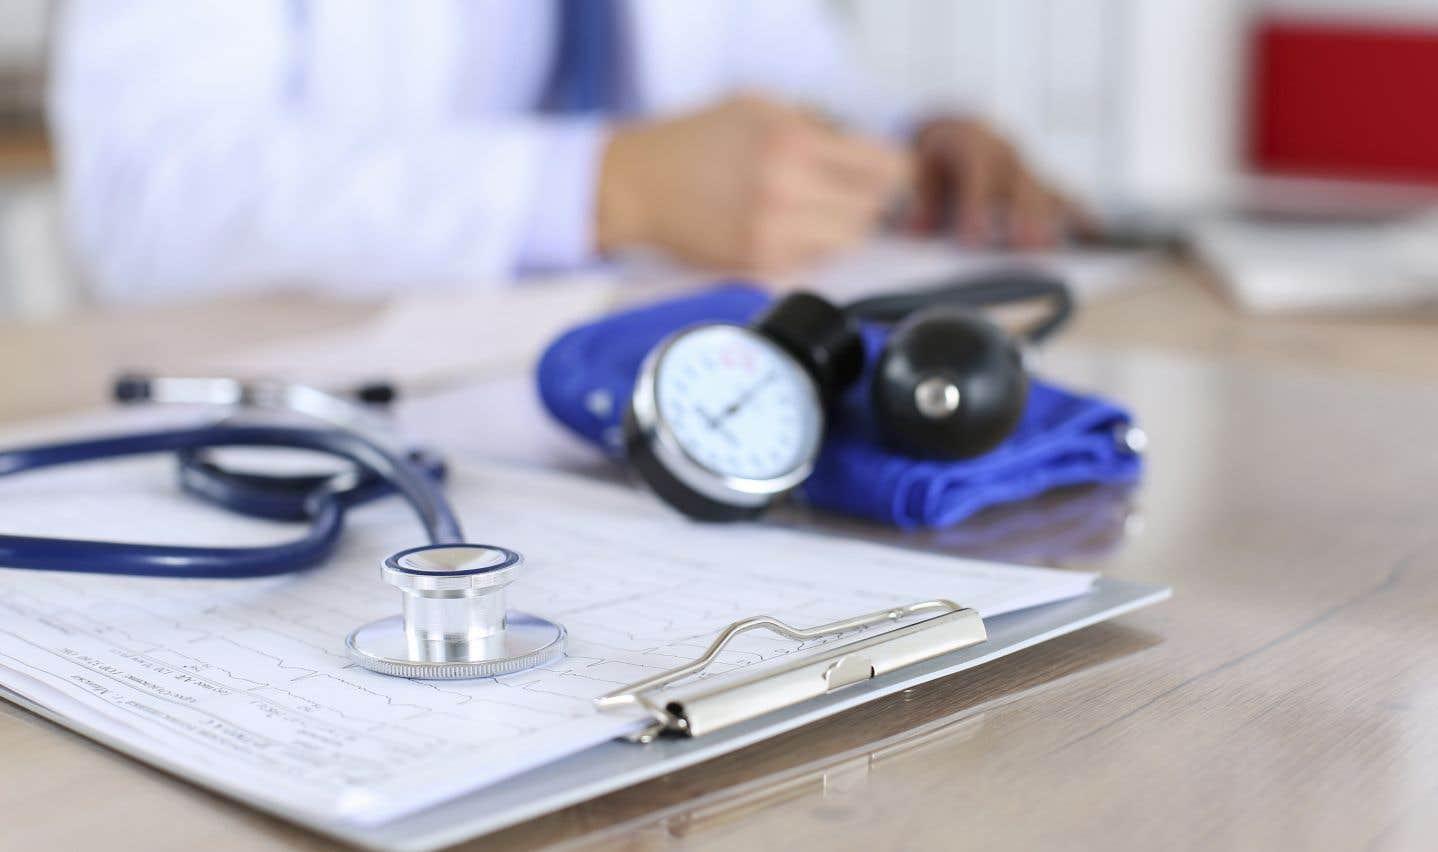 Alors que les médias nous informent semaine après semaine des catastrophes entourant les conditions de travail des infirmières et infirmiers, les médecins spécialistes viennent tout juste d'accepter une augmentation salariale totalisant près de 500 millions de dollars, accuse l'auteur.